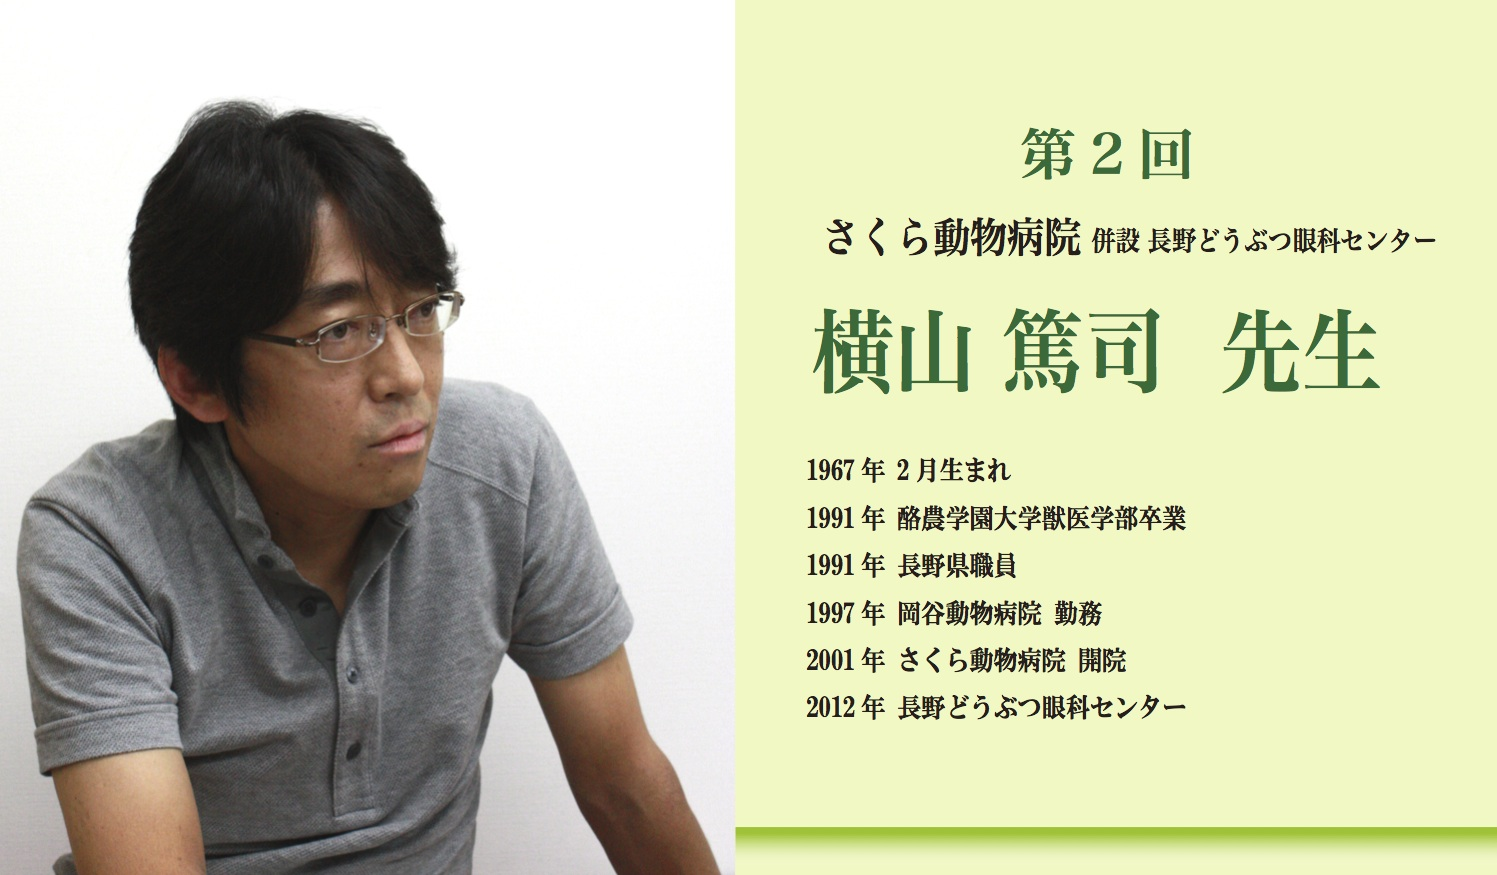 横山篤司先生